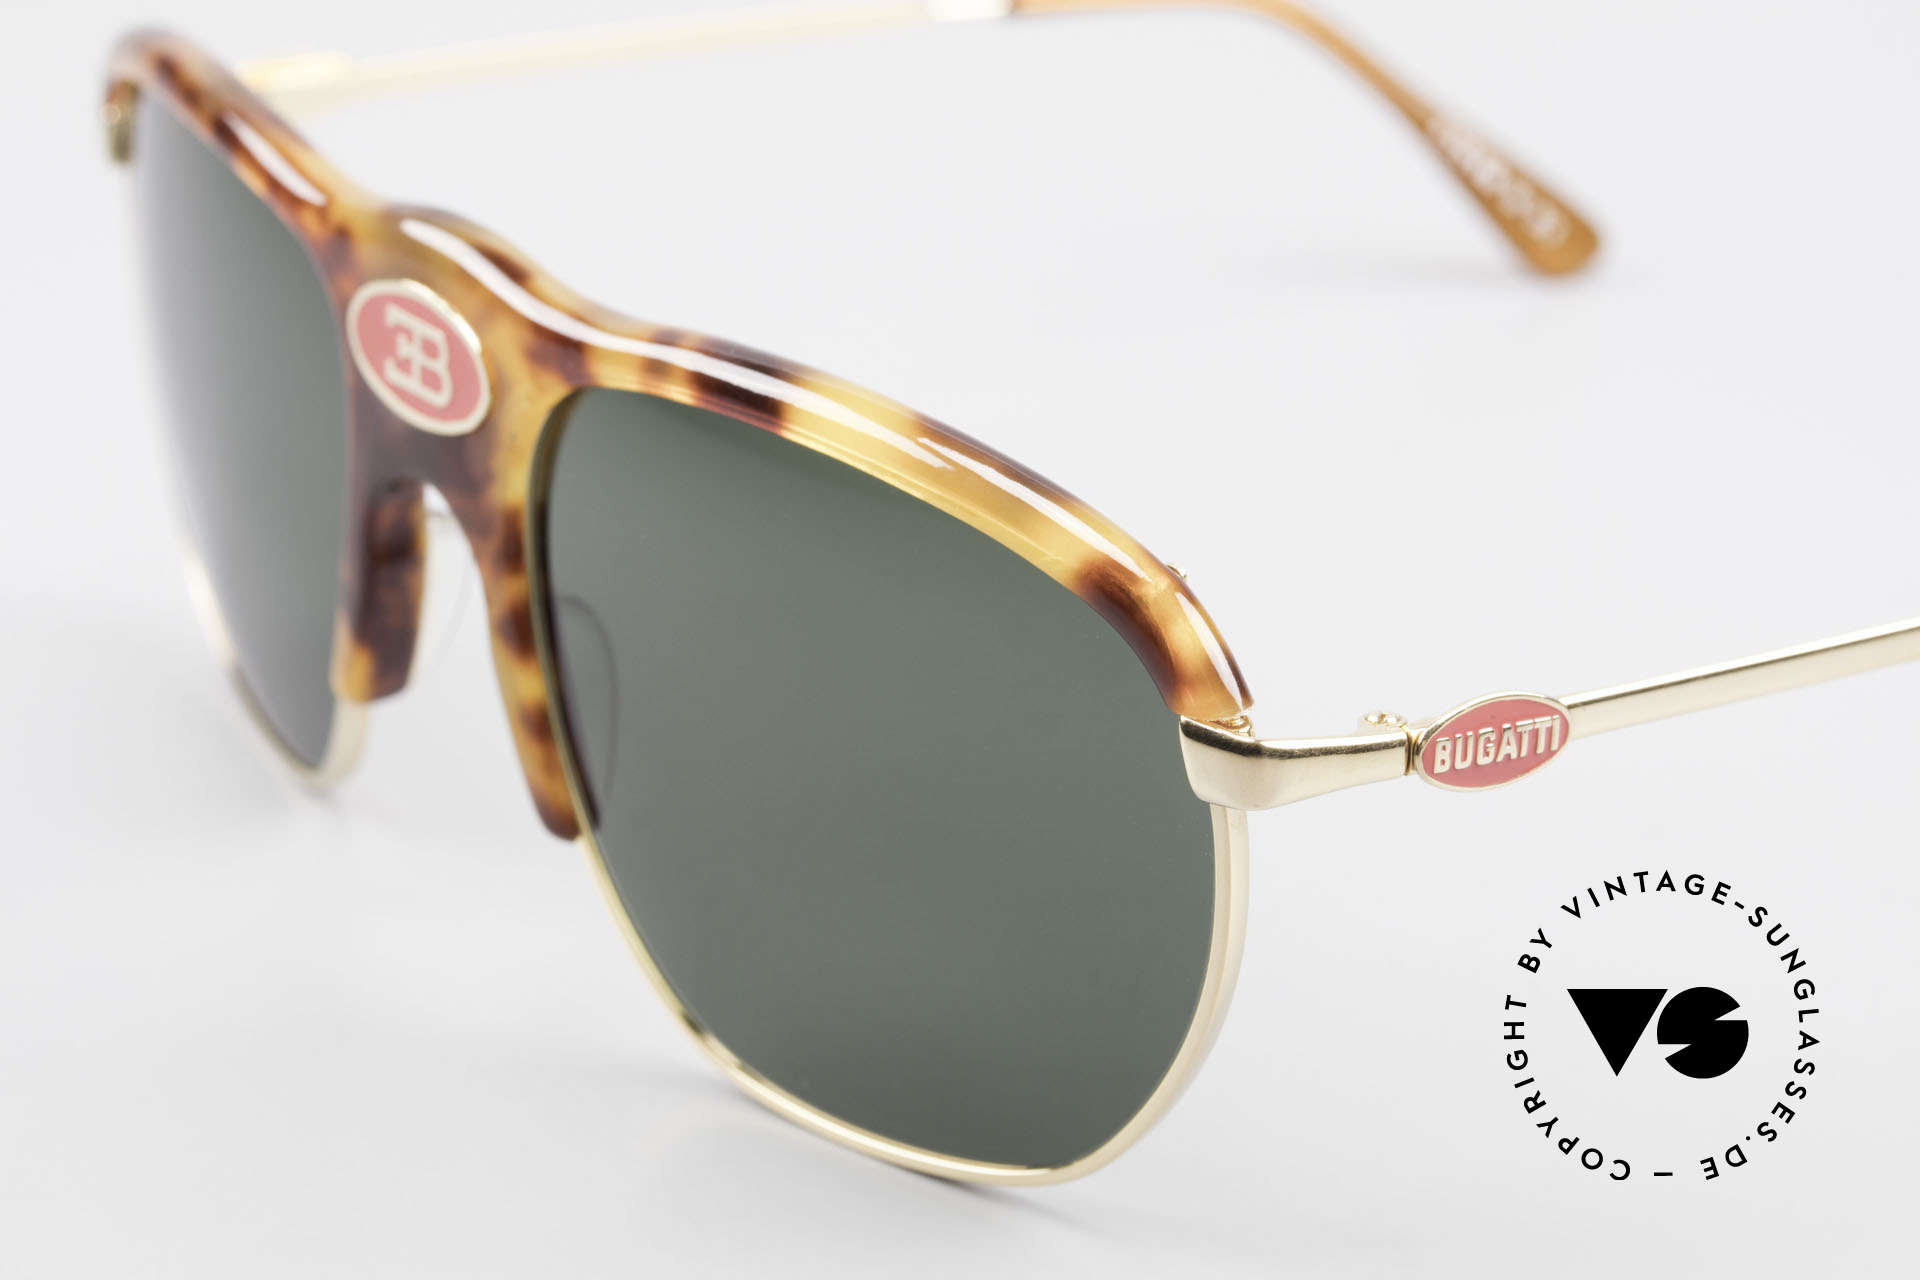 Bugatti 65218 Seltene Alte 70er Bugatti Brille, kostbare RARITÄT und ein absolutes Sammlerstück!, Passend für Herren